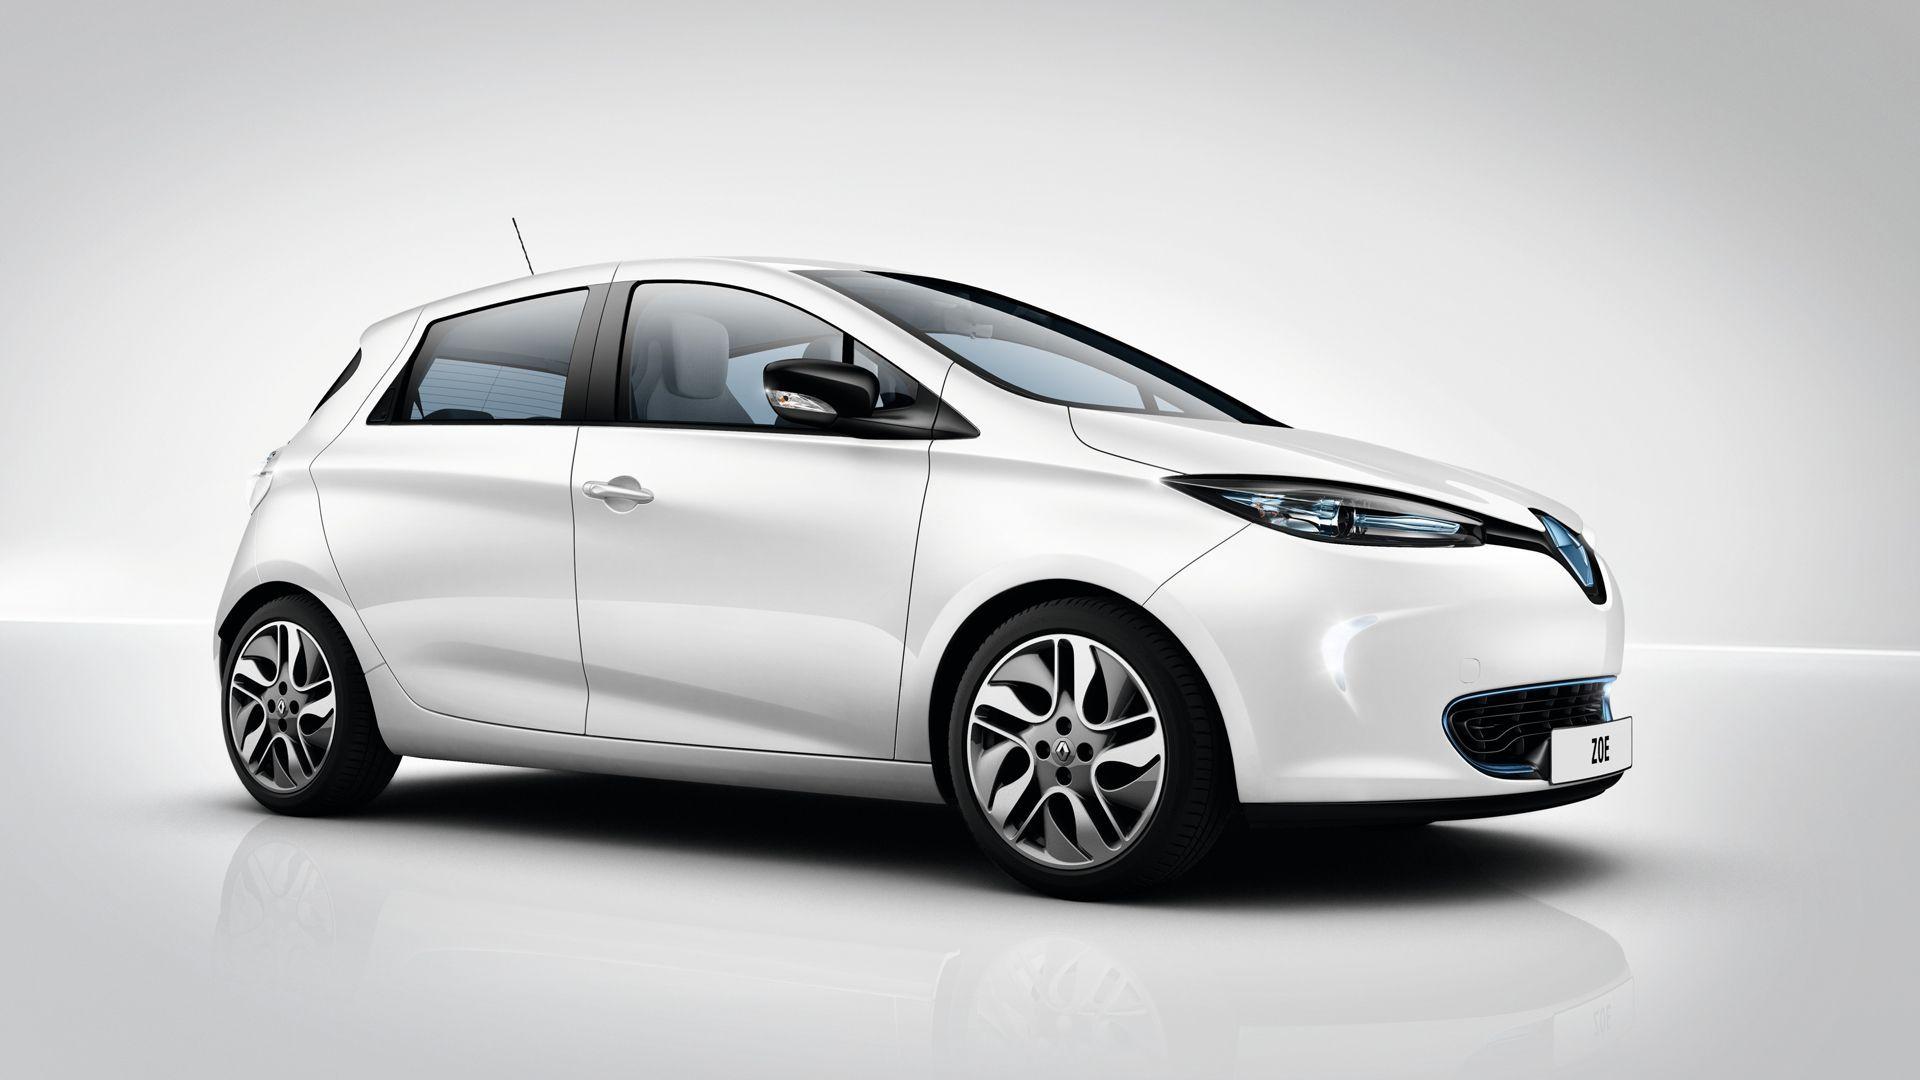 La guerra de los coche eléctrico se calienta